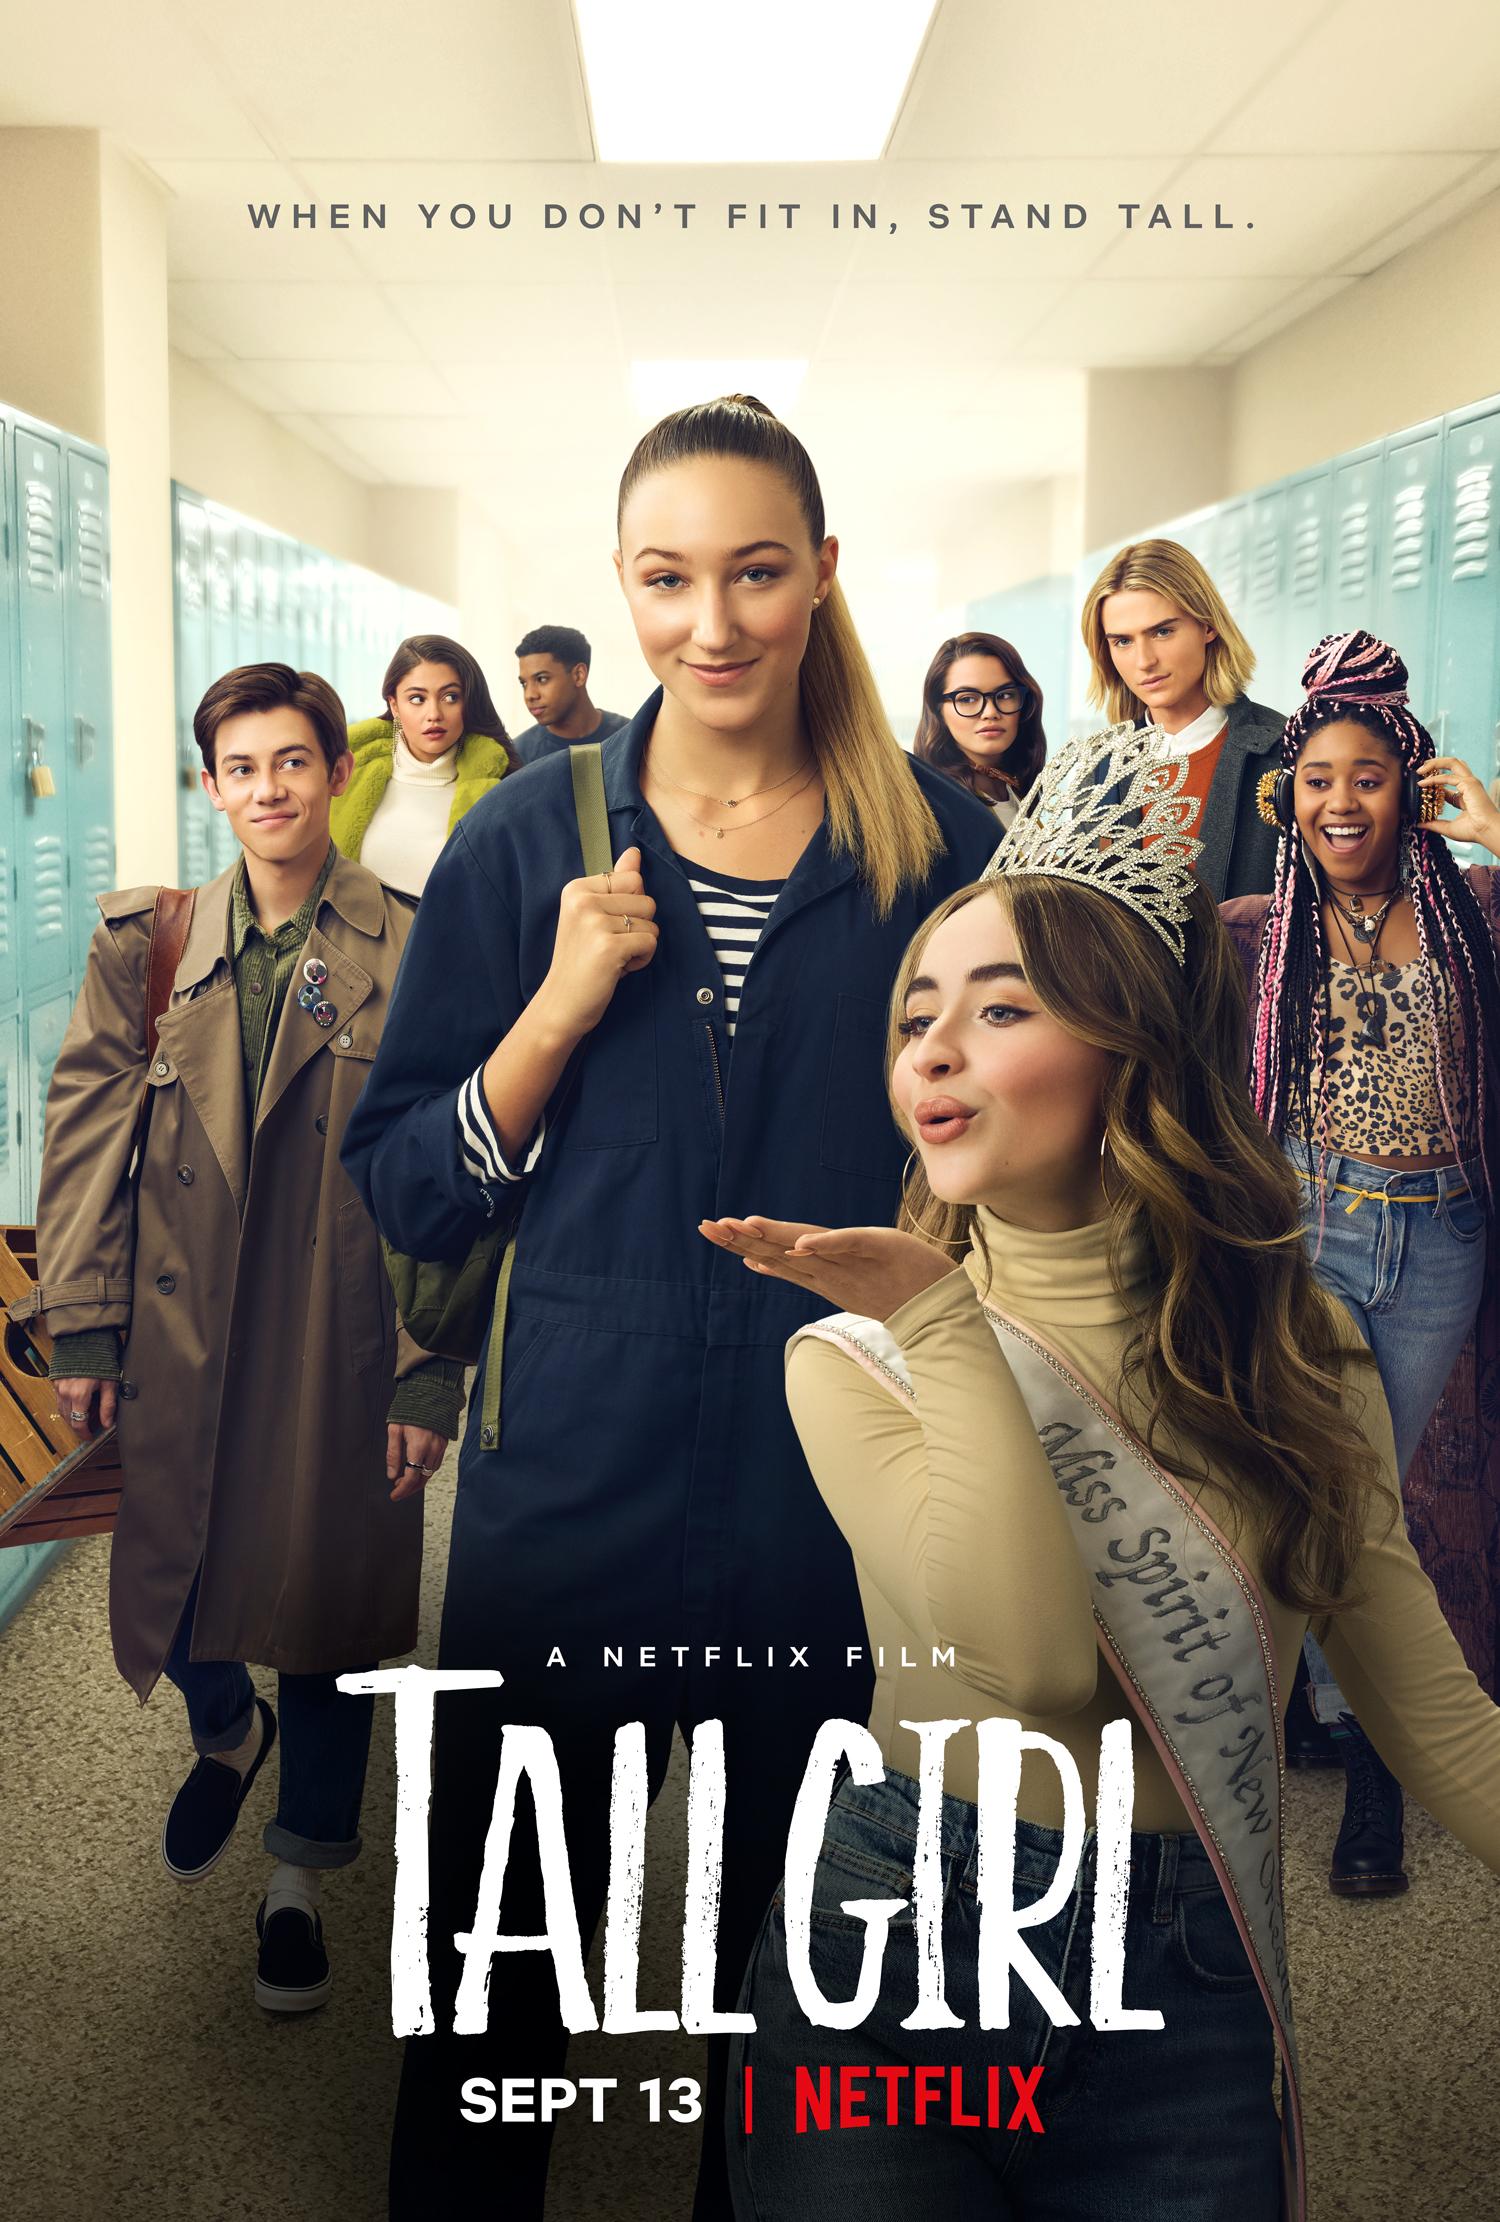 Tall Girl Poster.jpg